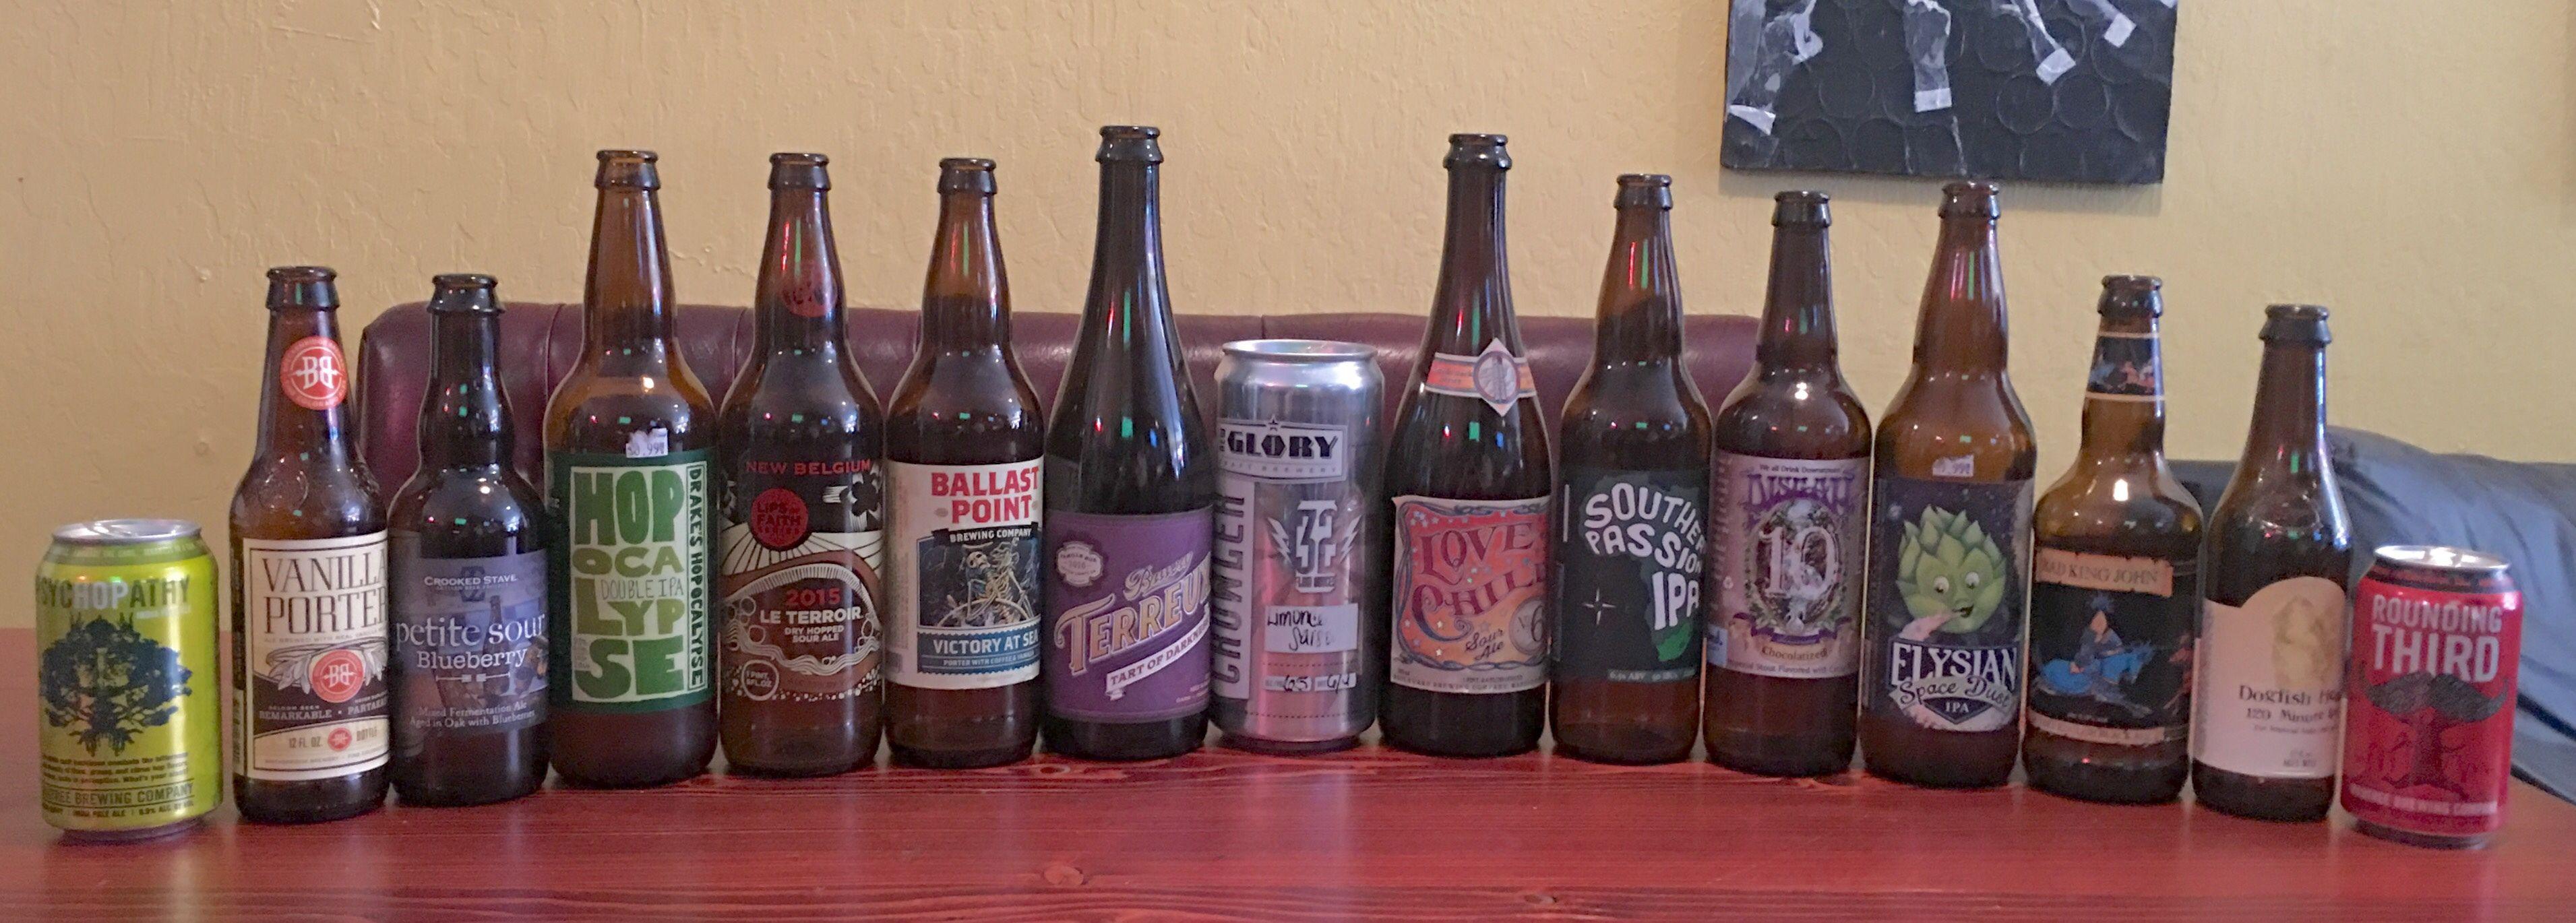 Bay Area Beer Socials